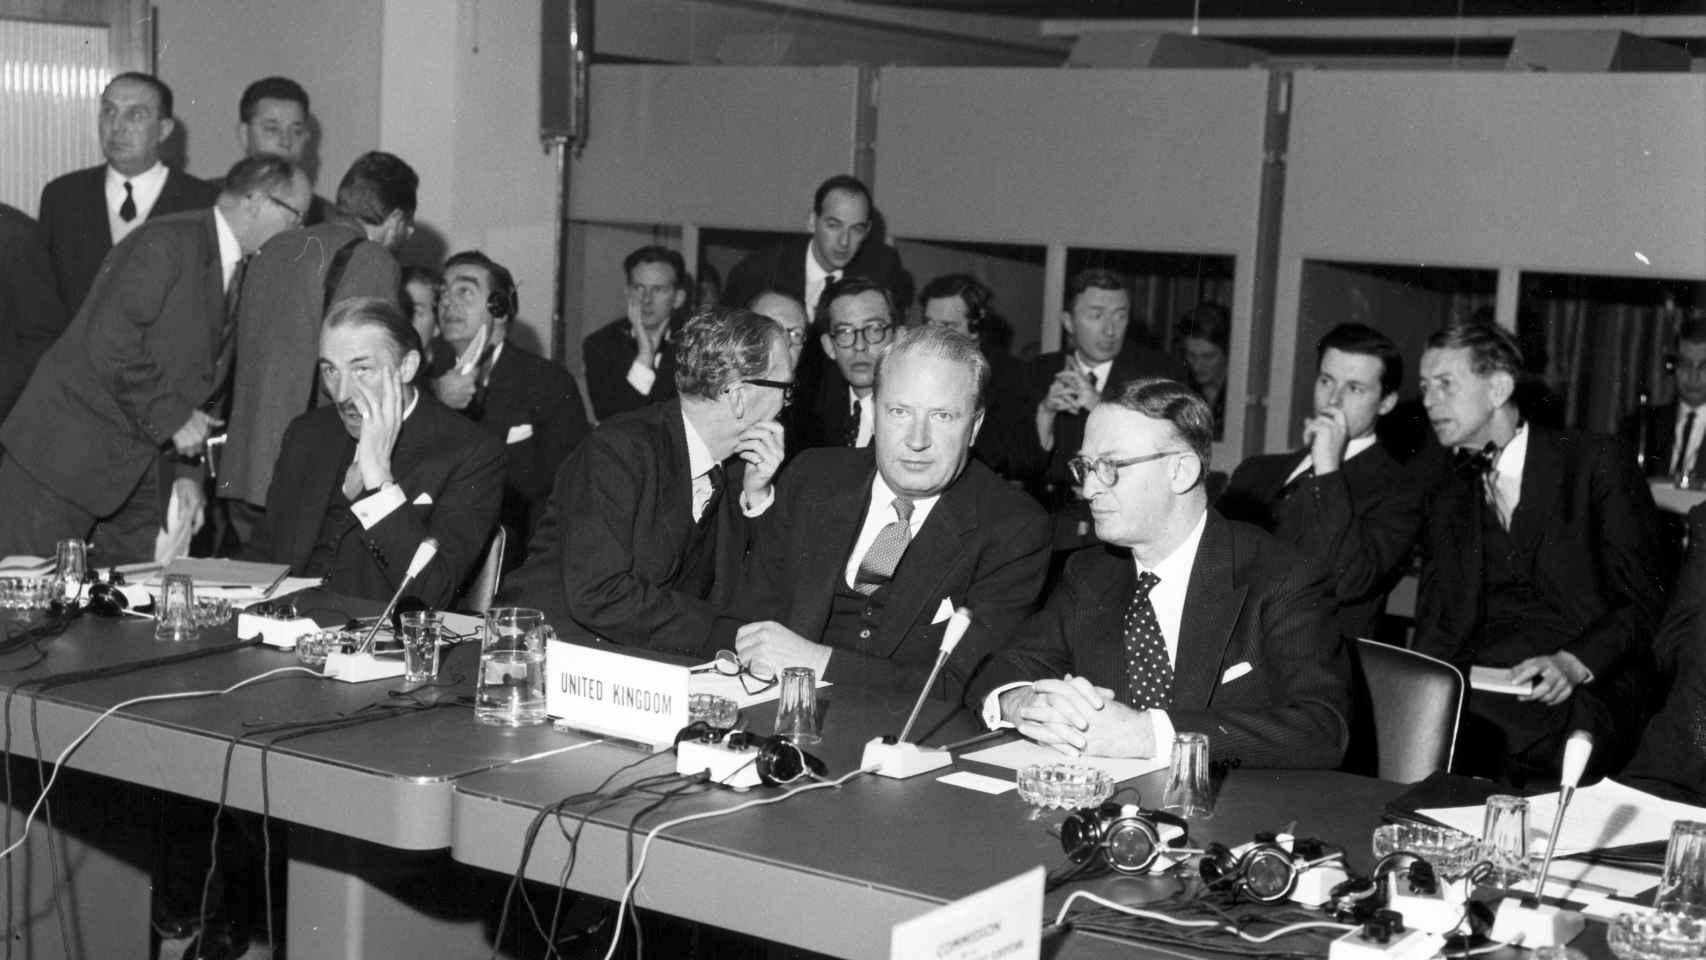 La delegación británica durante la apertura de negociaciones para entrar en la UE en 1961